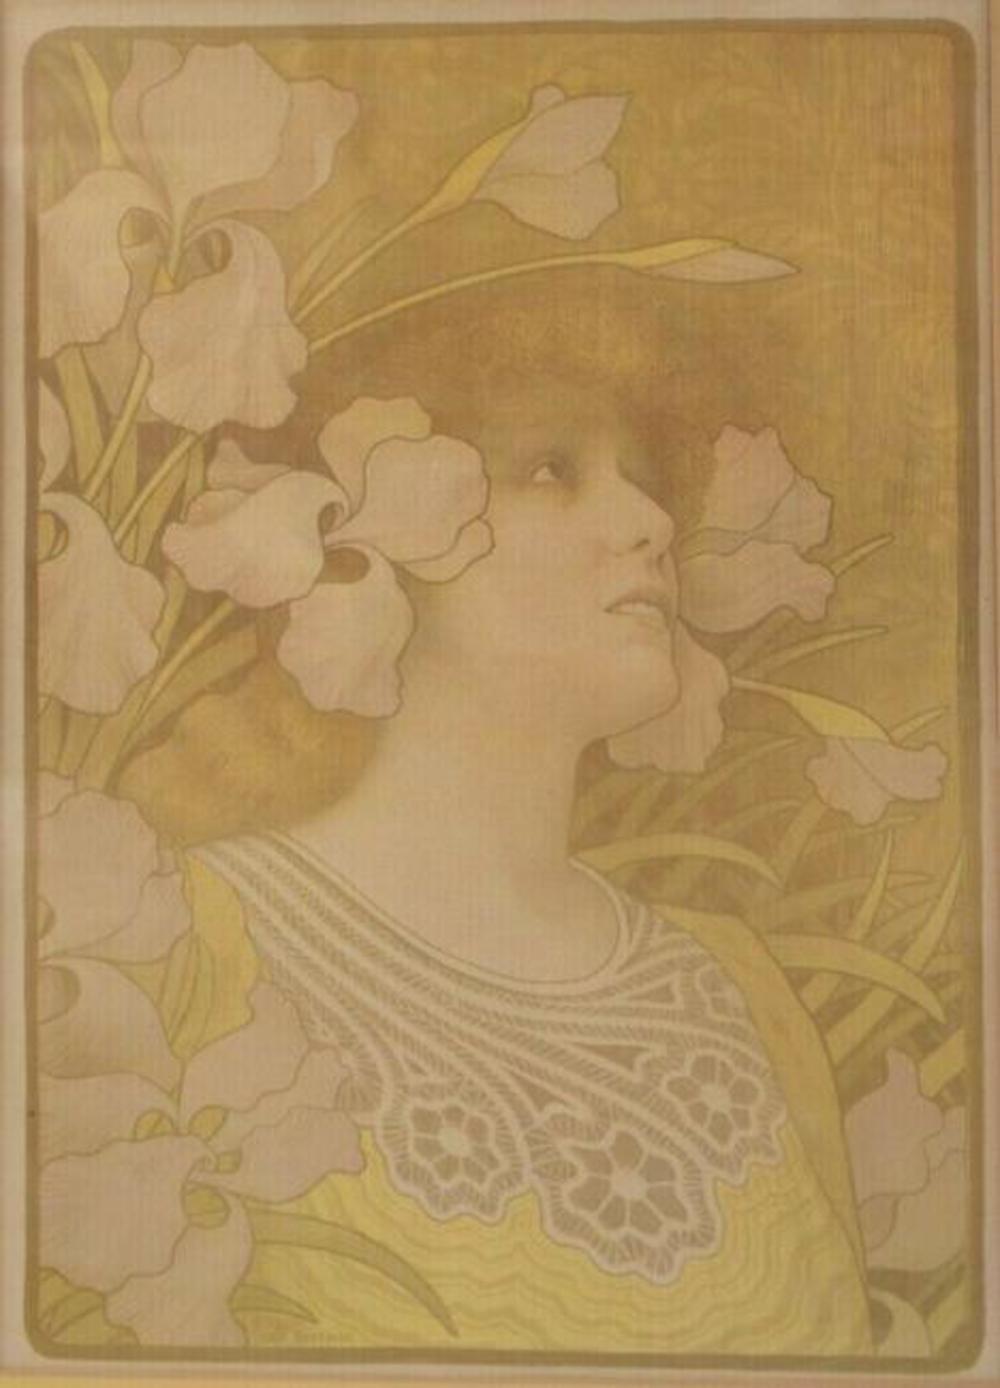 Paul Berthon (French 1872-1909) Art Nouveau Lithograph, Sarah Bernhardt c1901